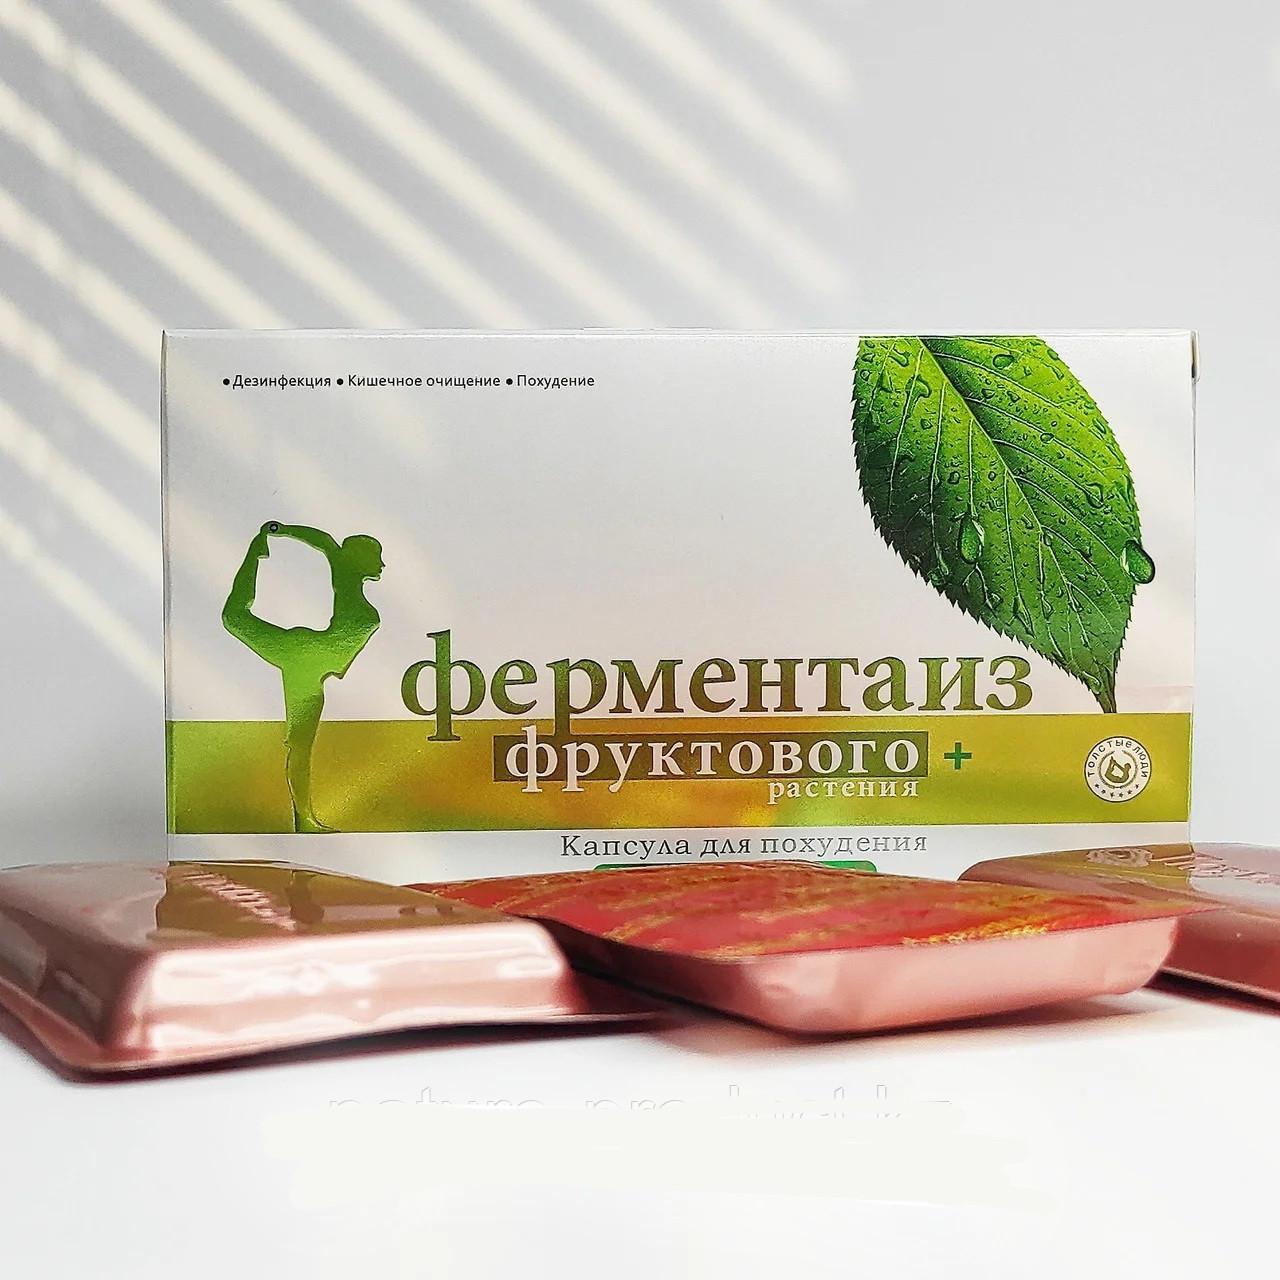 Фермент из фруктового растения (30 капсул) Ферментайз